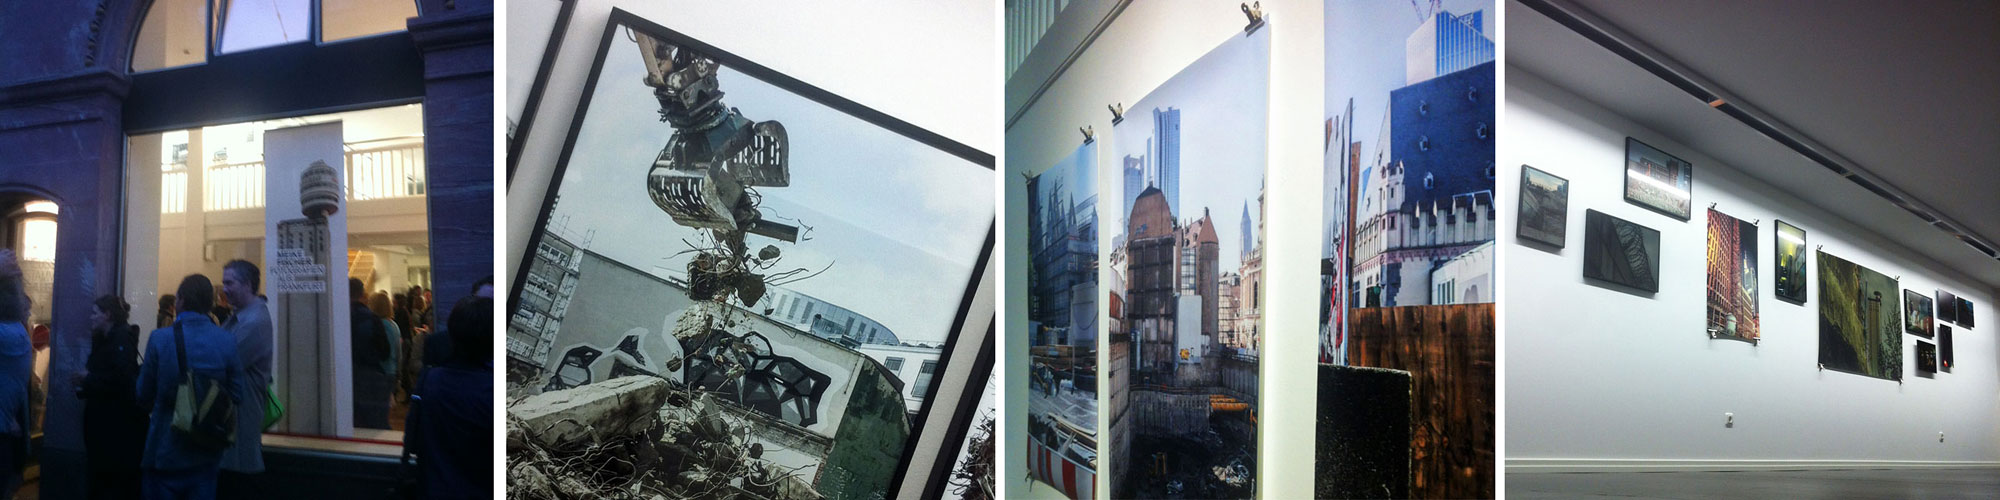 Vier Fotos zur Meike Fischer-Ausstellung in der Heussenstamm Galerie in Frankfurt.